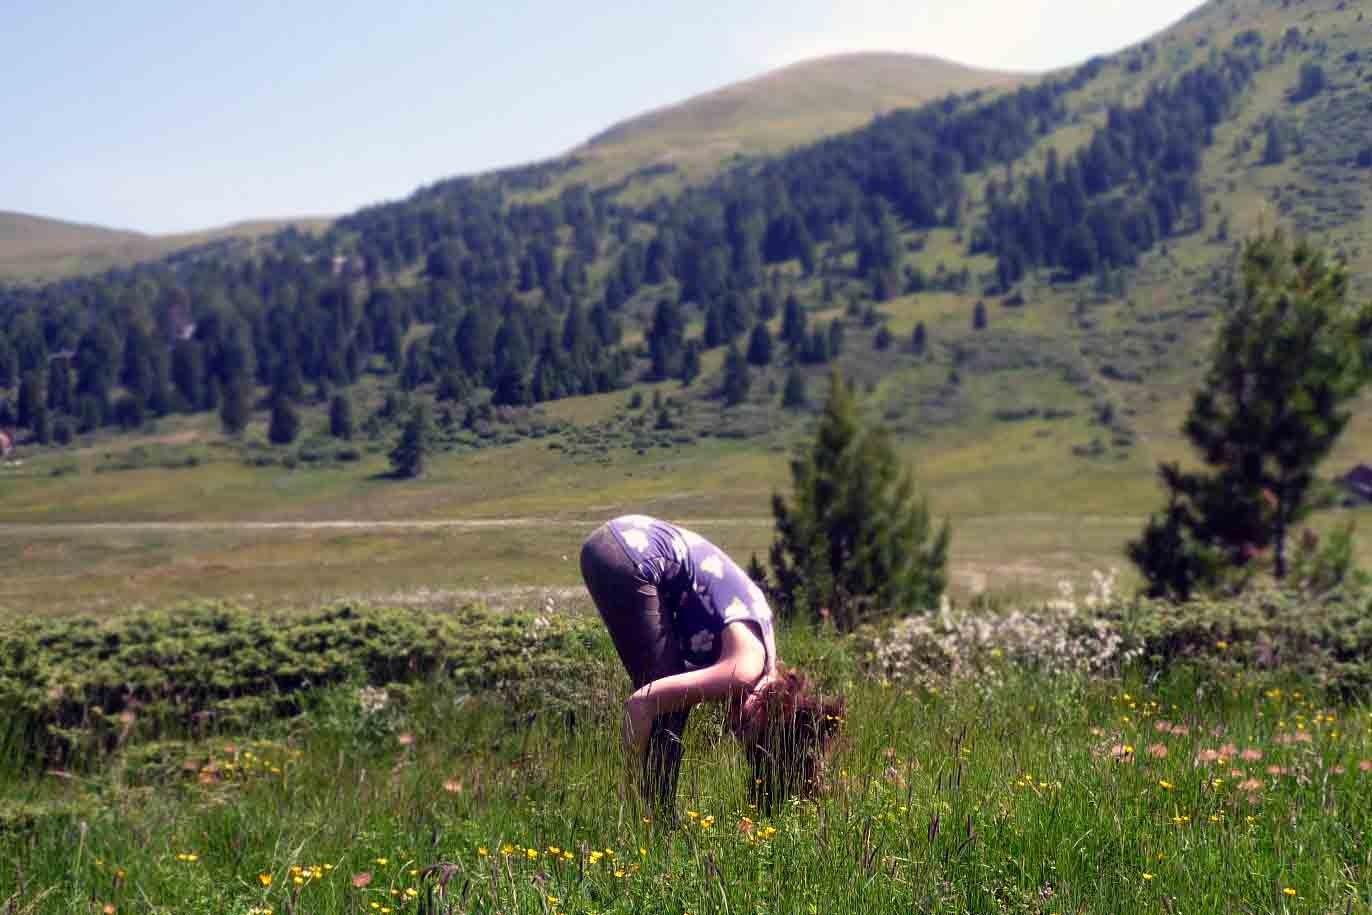 AUSATEM: Stehende Vorwärtsbeuge. Der Atem zieht den Bauch sanft ein und rundet die Wirbelsäule. Schau mal, was da so im Gras rumwuselt.